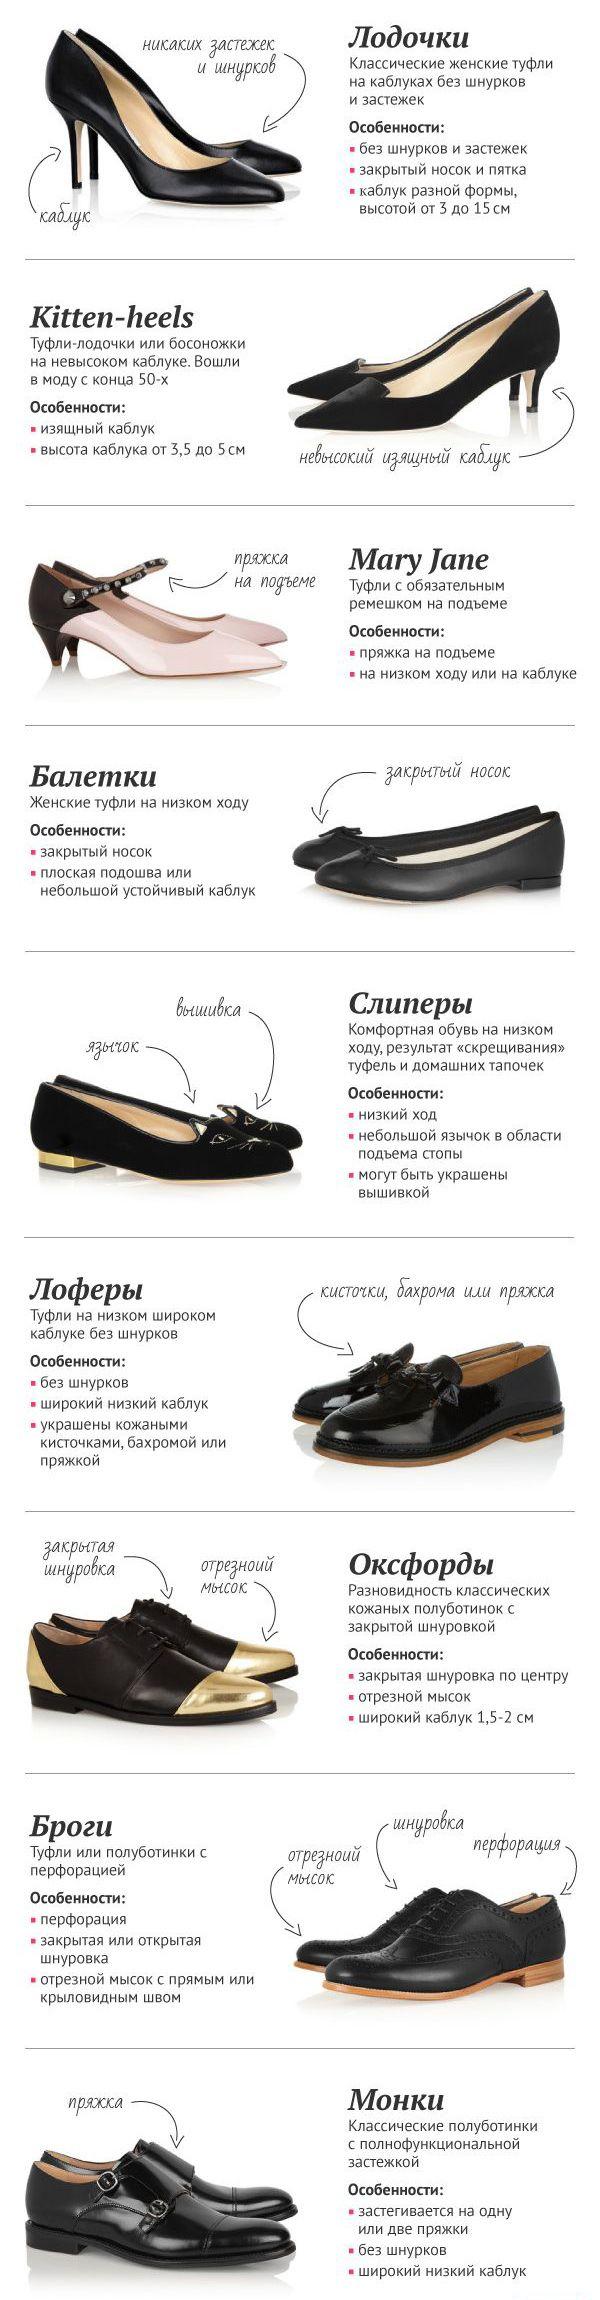 Гид по обуви